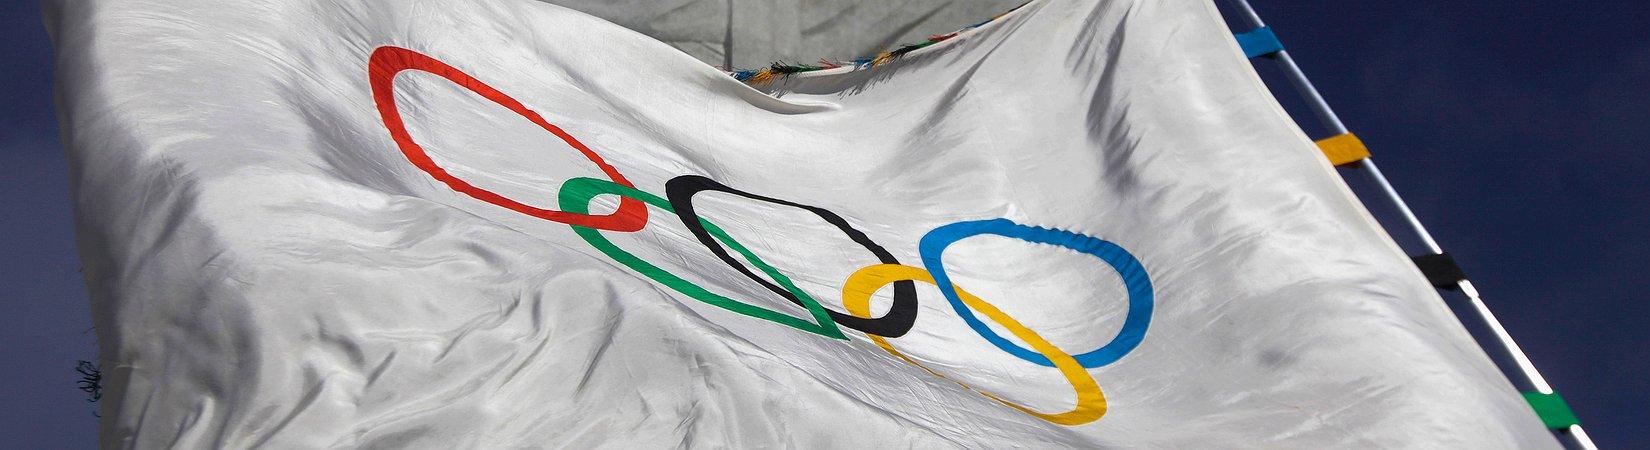 Olympische Spiele 1896 - 2022